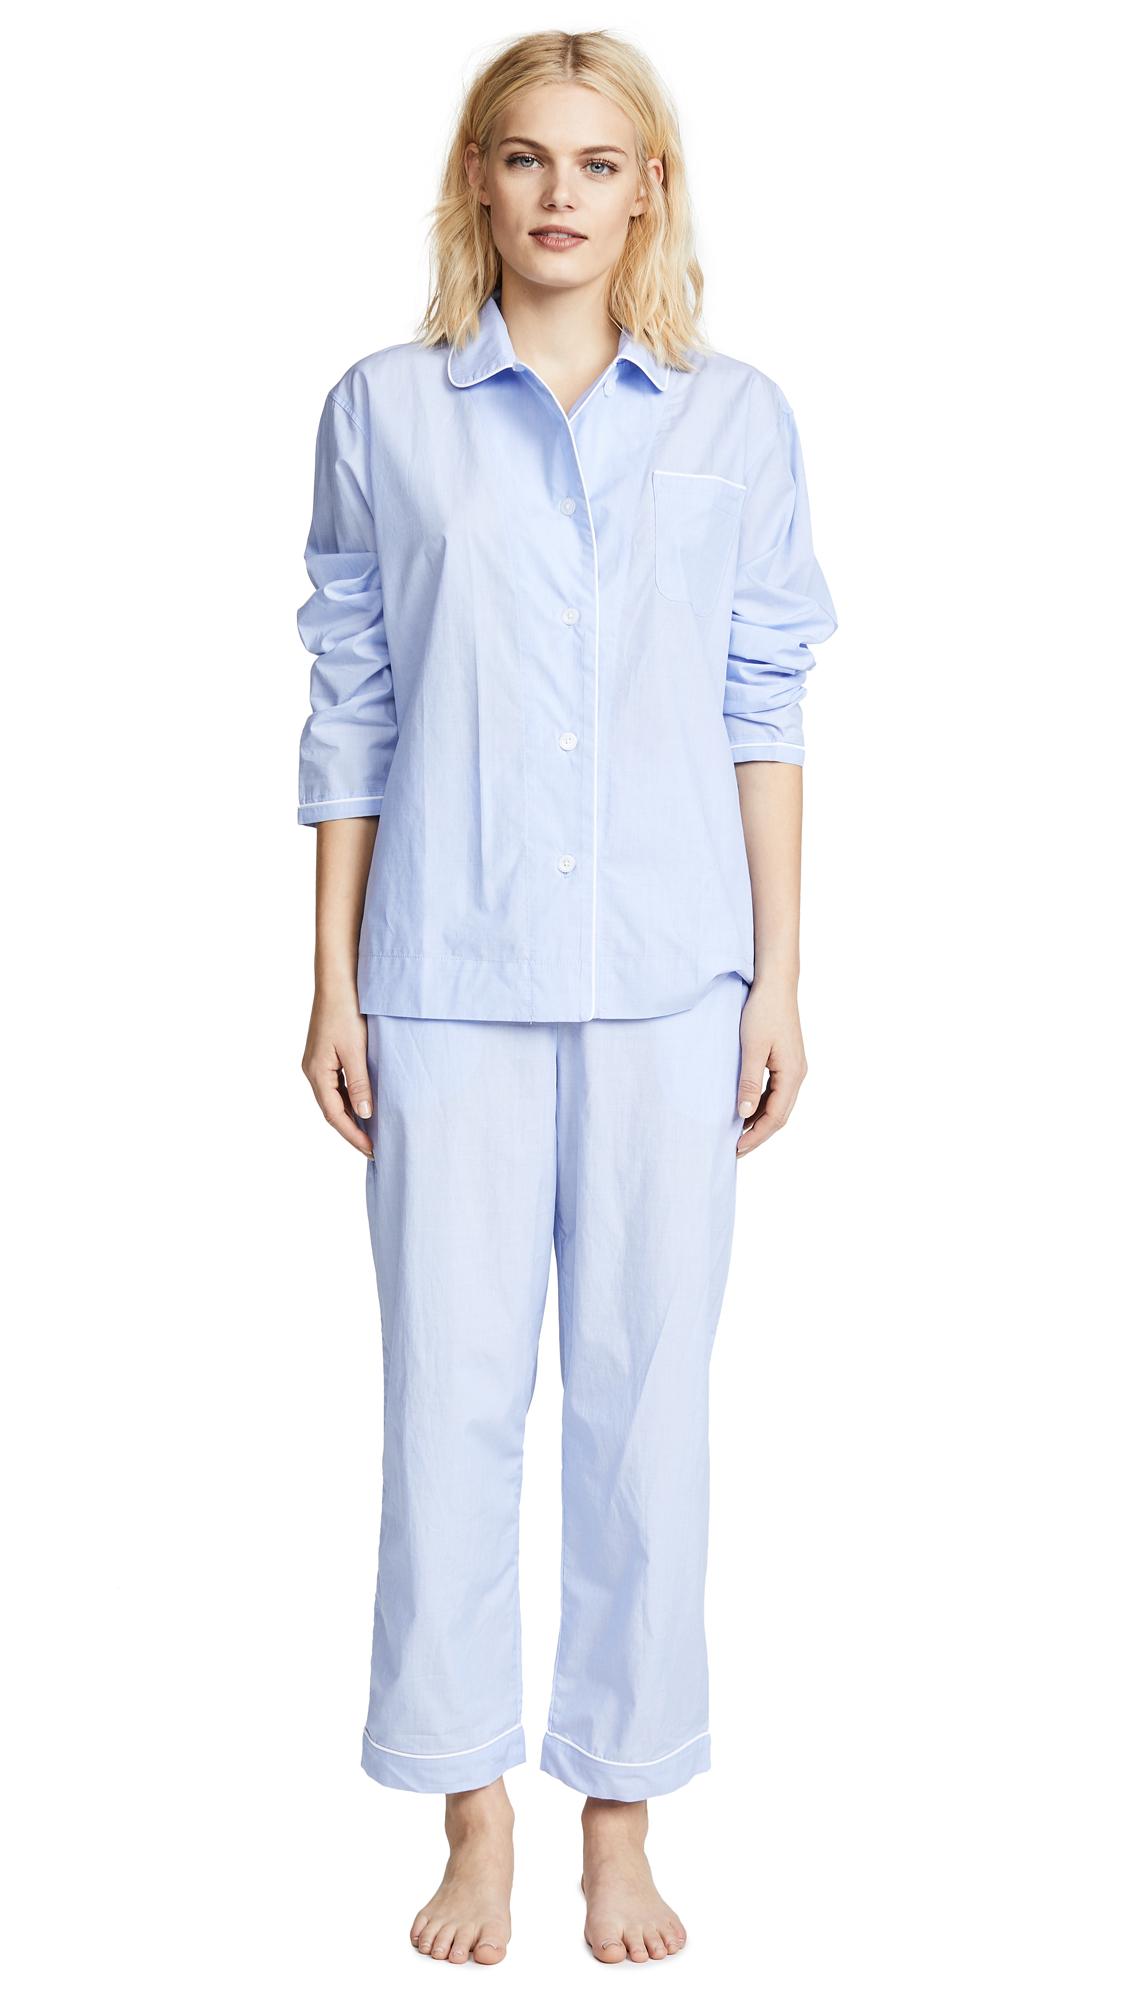 Sleepy Jones End On End Bishop Pajama Set In Blue